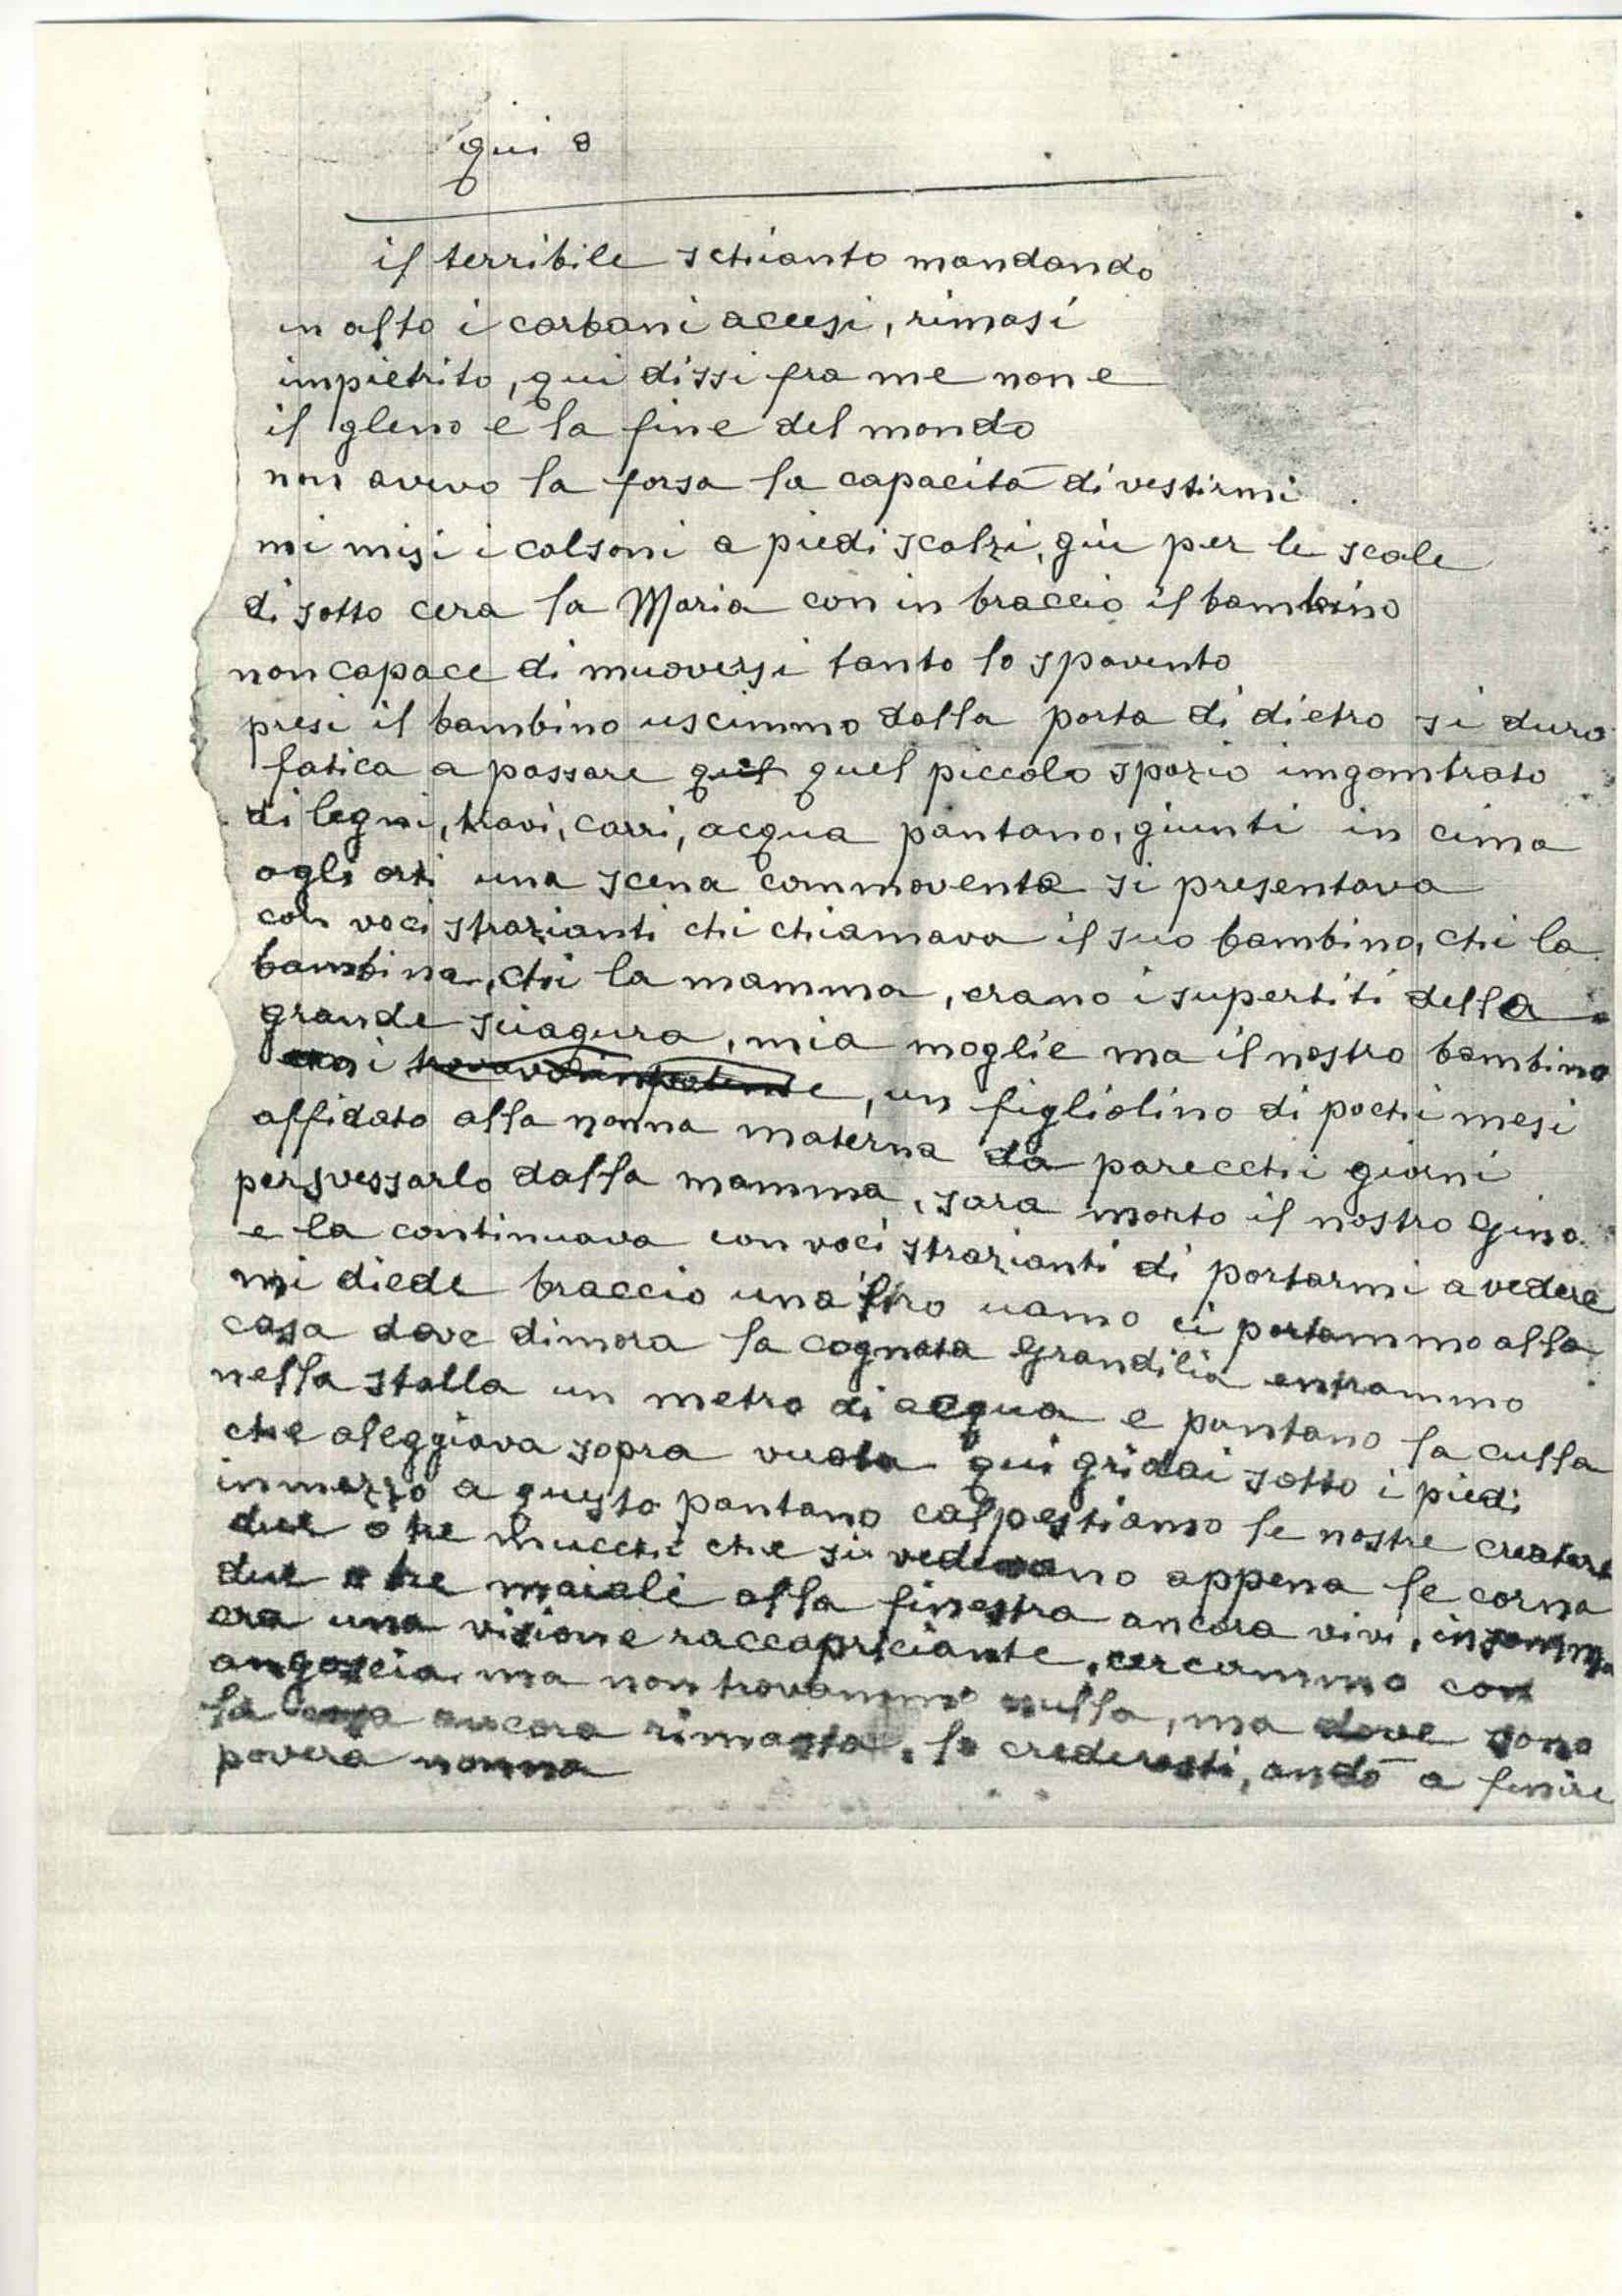 Lettera di Dossi Giacomo_02